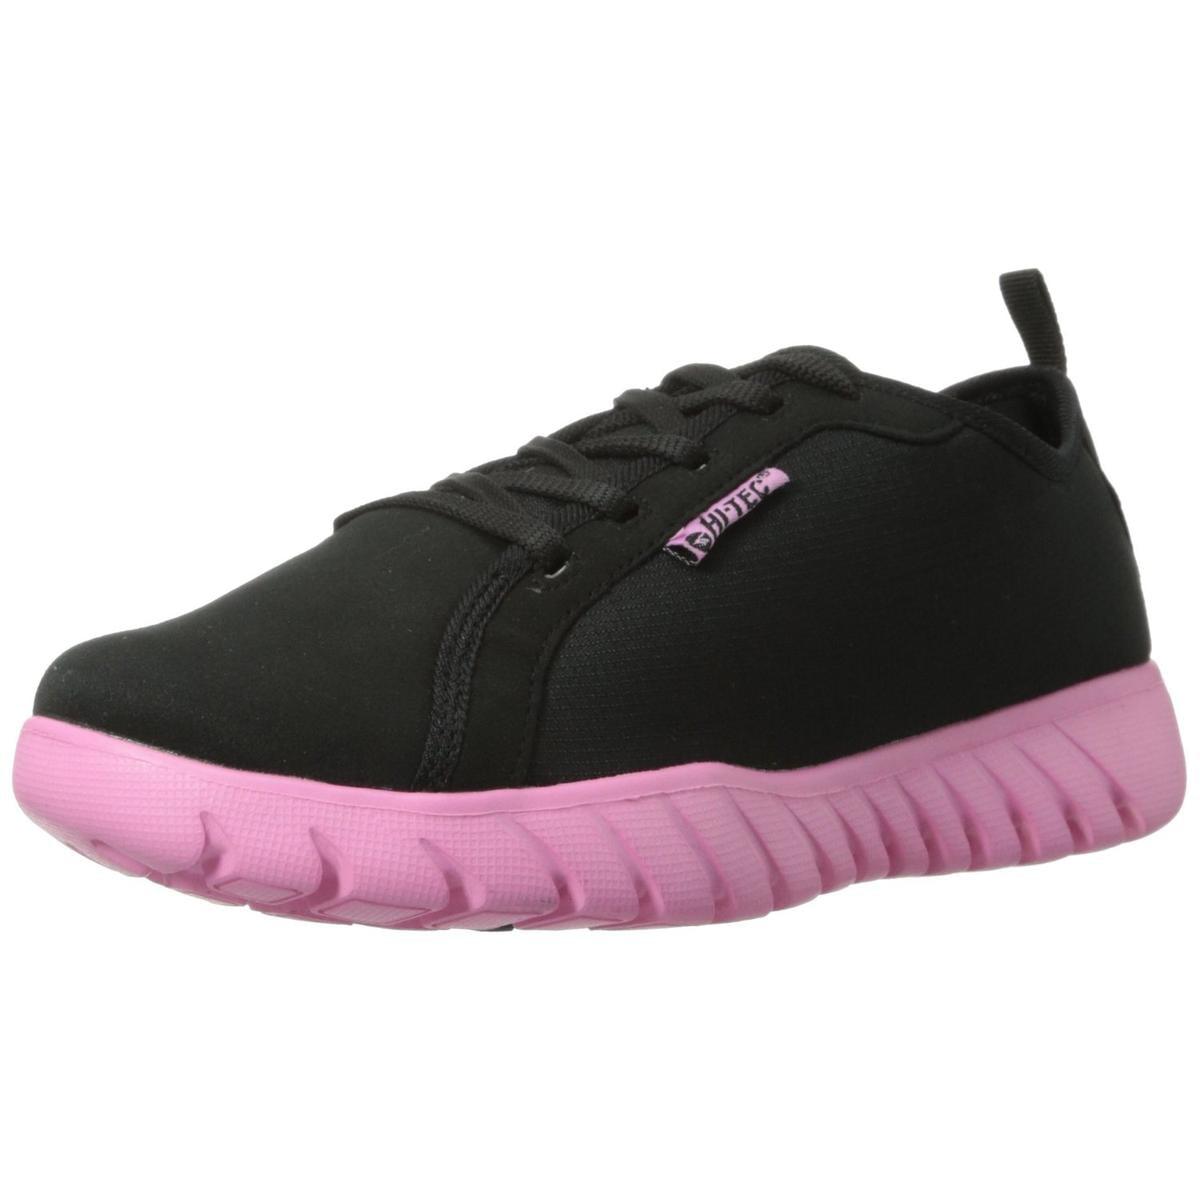 Hi-Tec Active Reco Womens Black Pink Sneakers by Hi-Tec